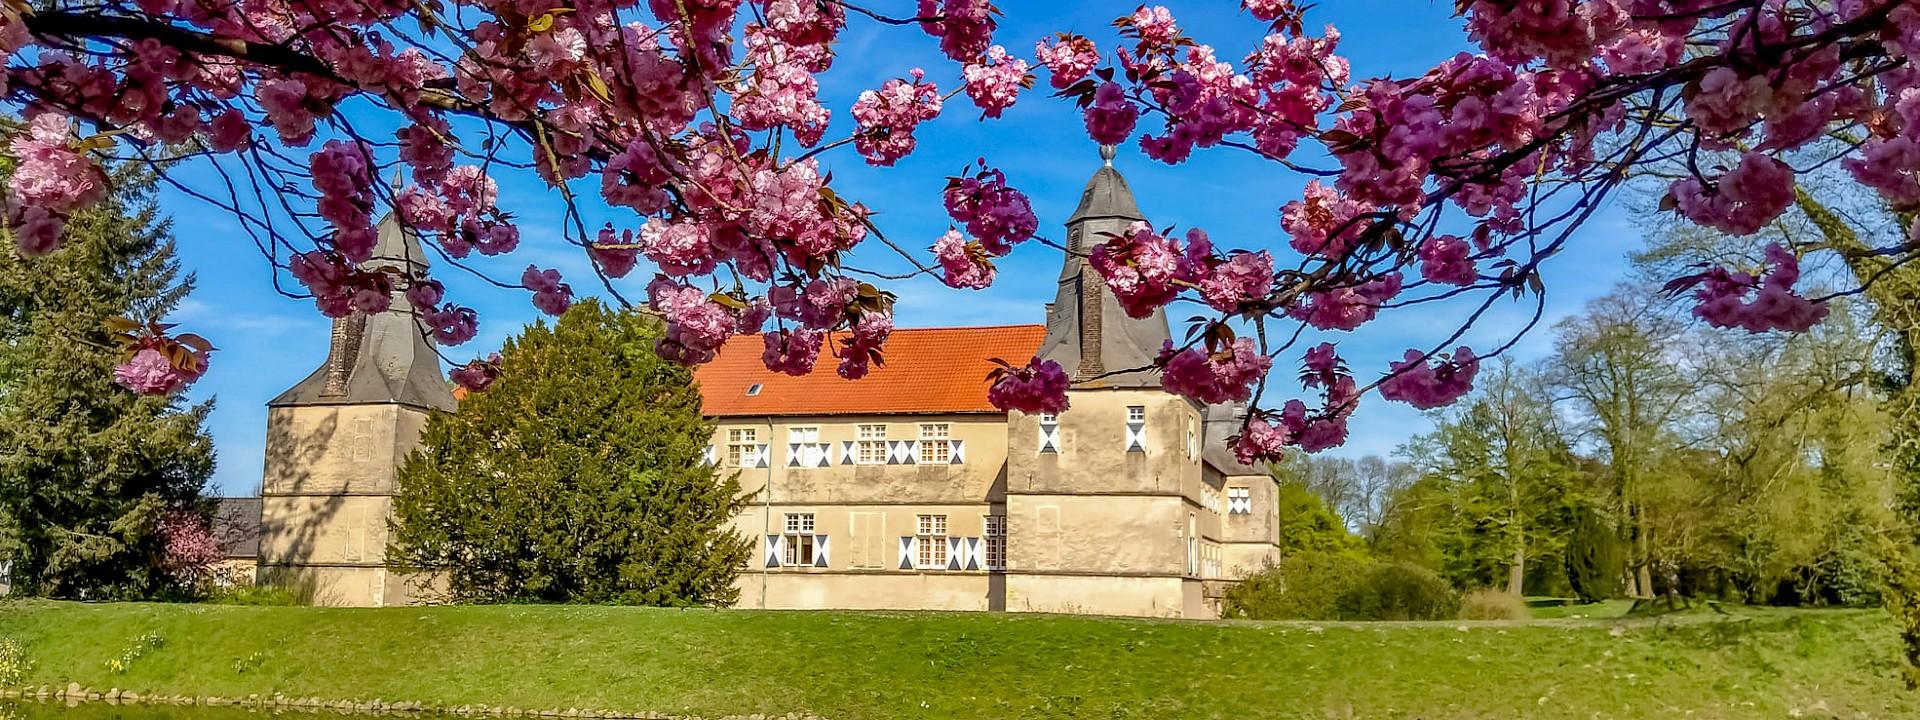 Das Münsterland öffnet wieder! Schlösser und Burgen erleben